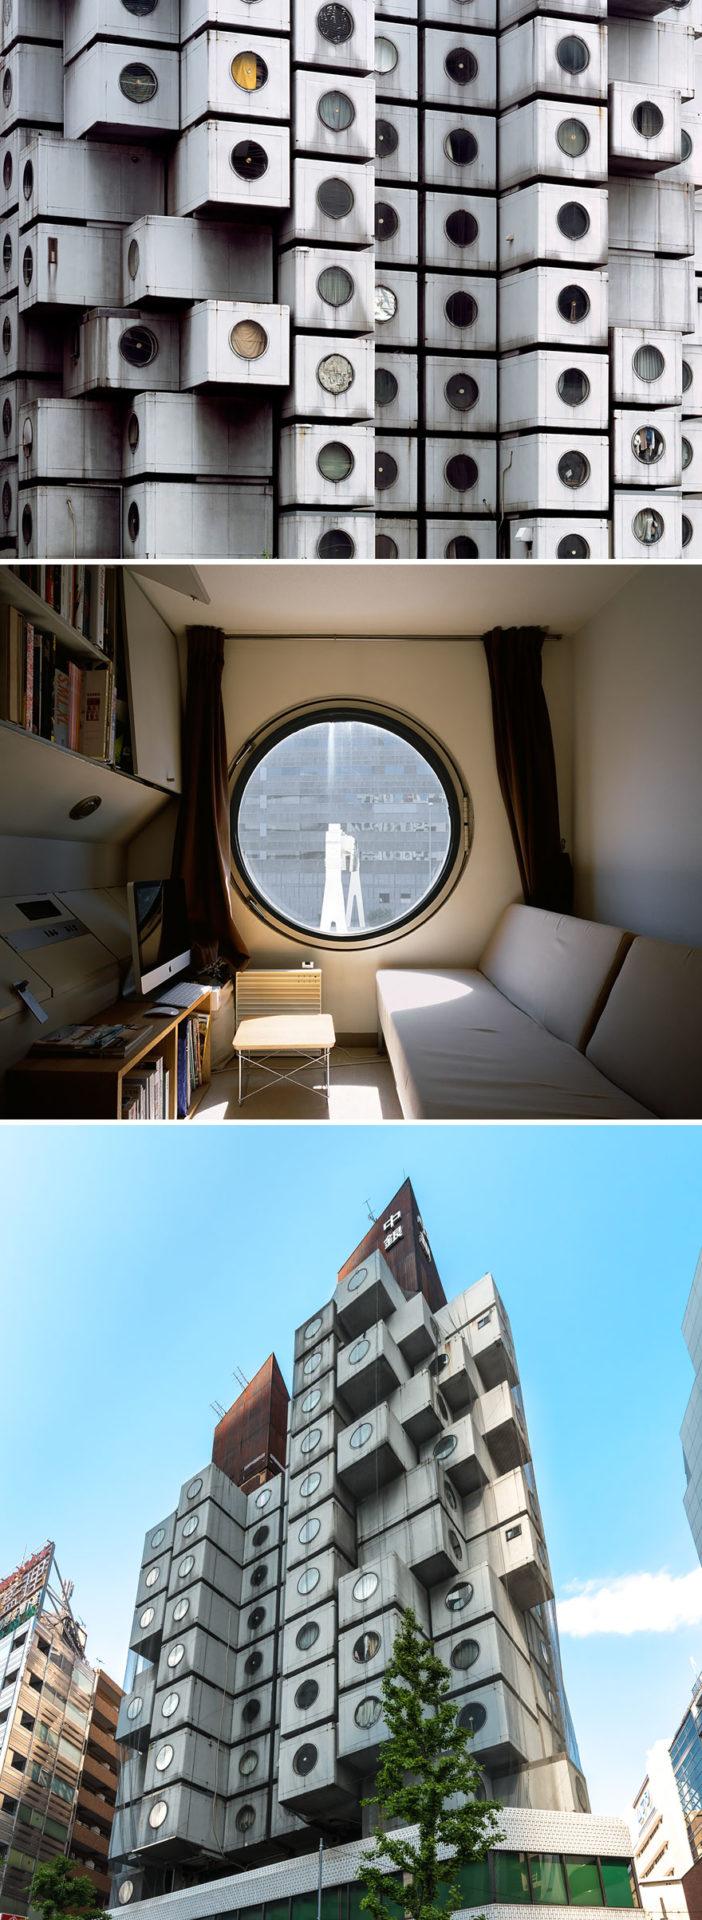 7. Капсульная башня Nakagin в Токио.